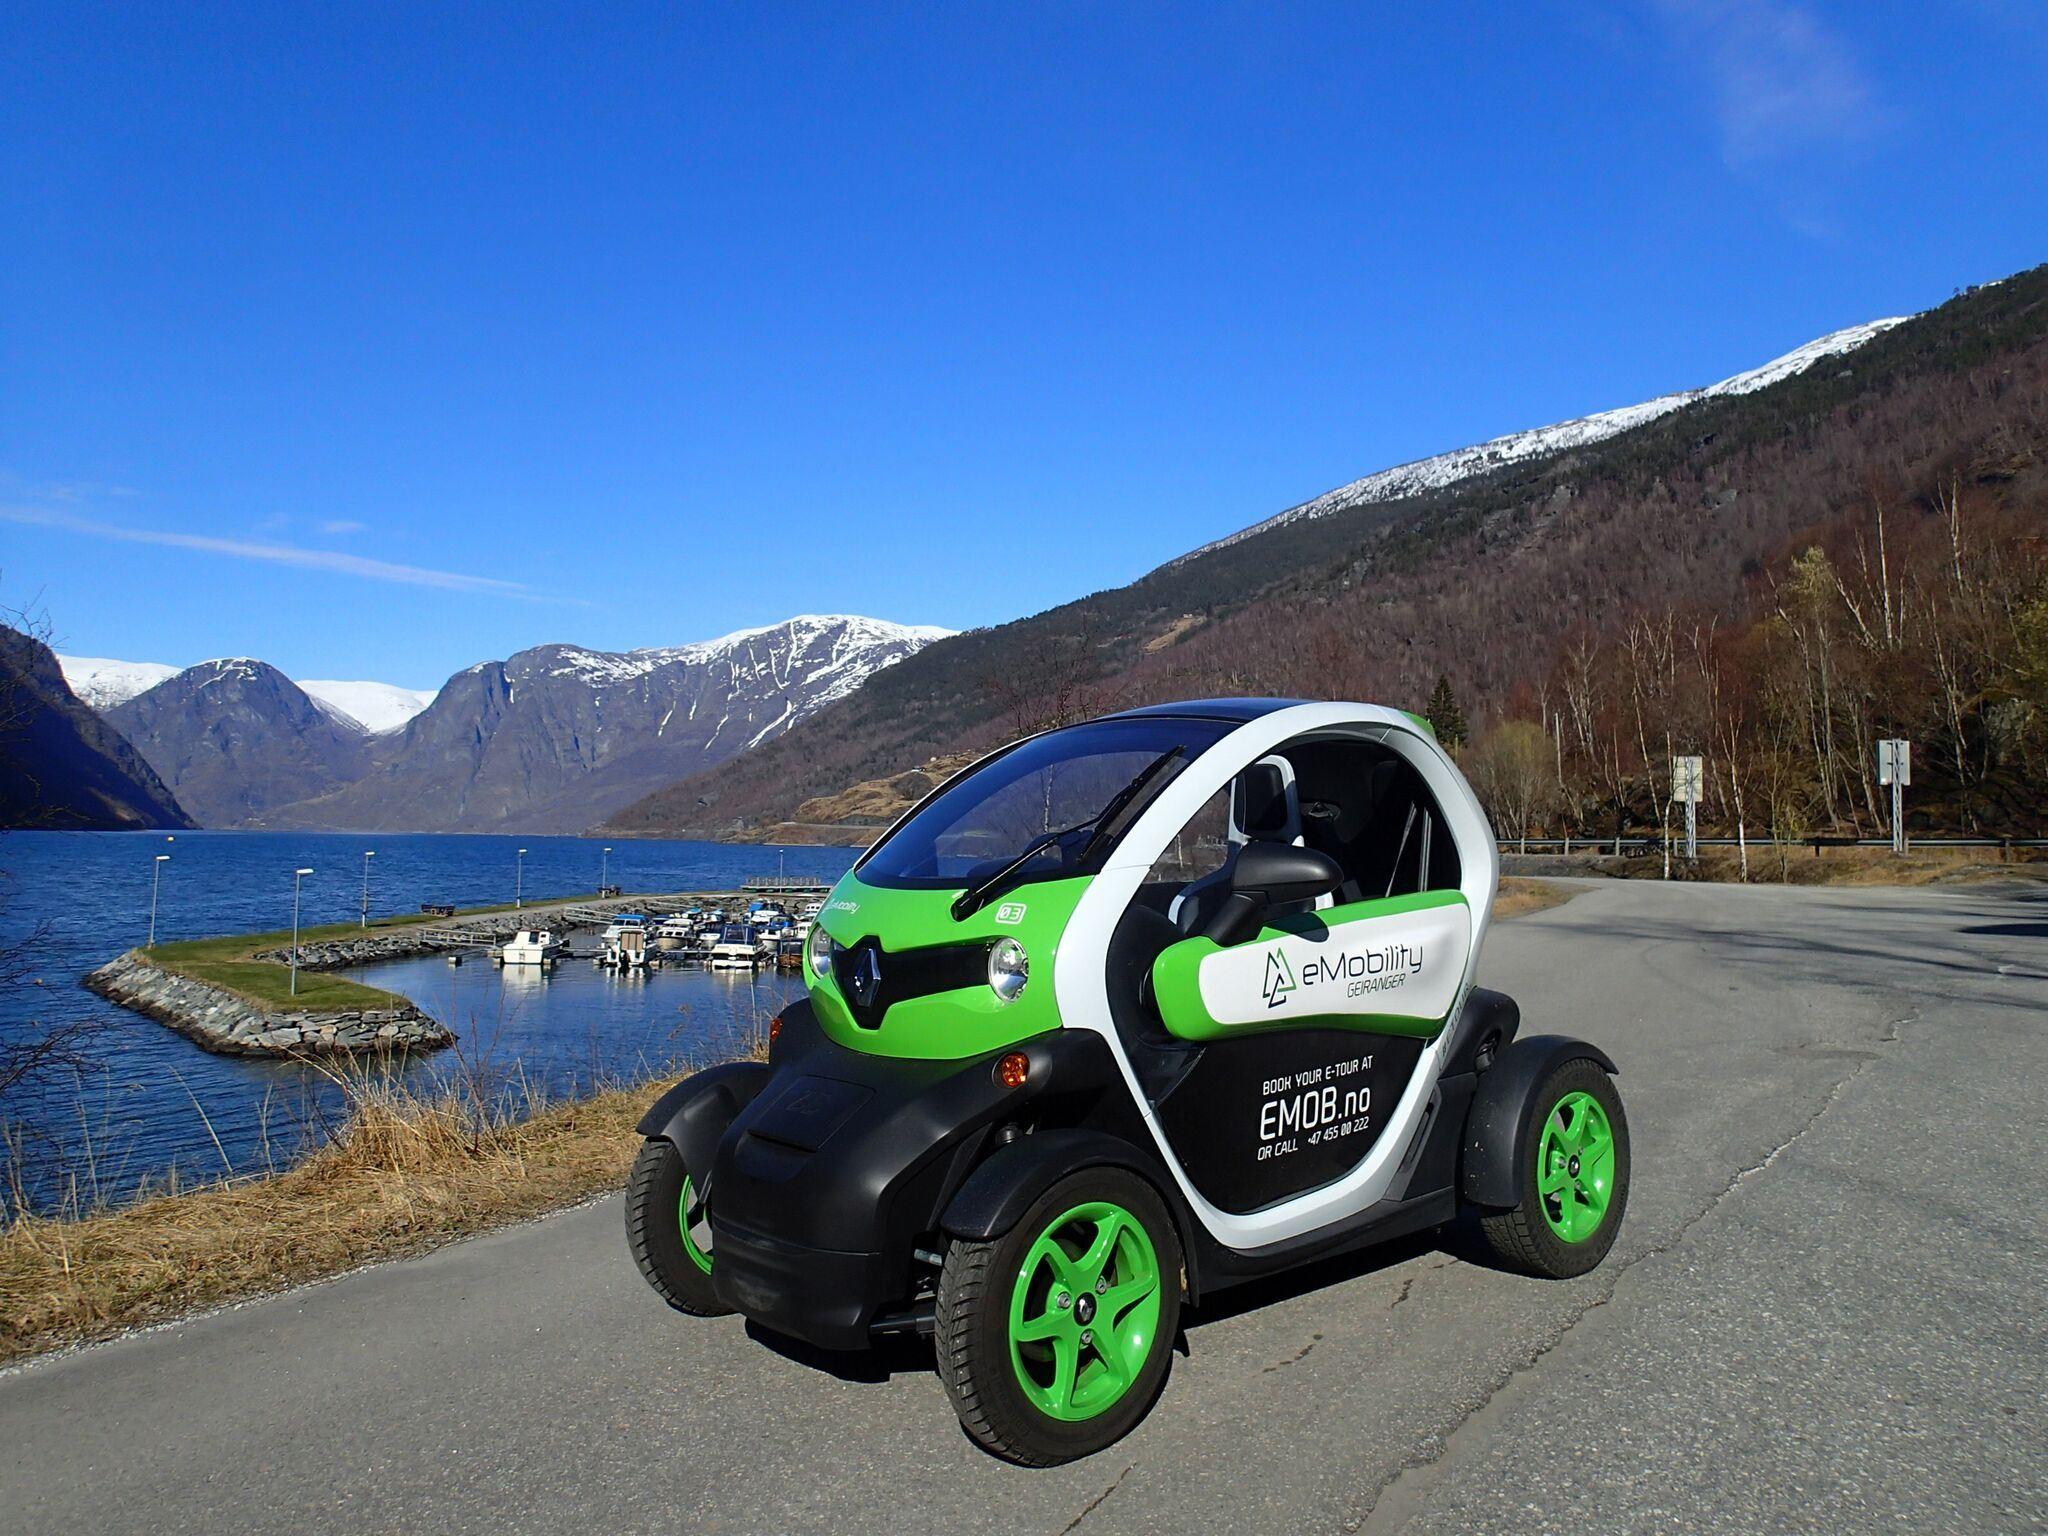 eMobility hire